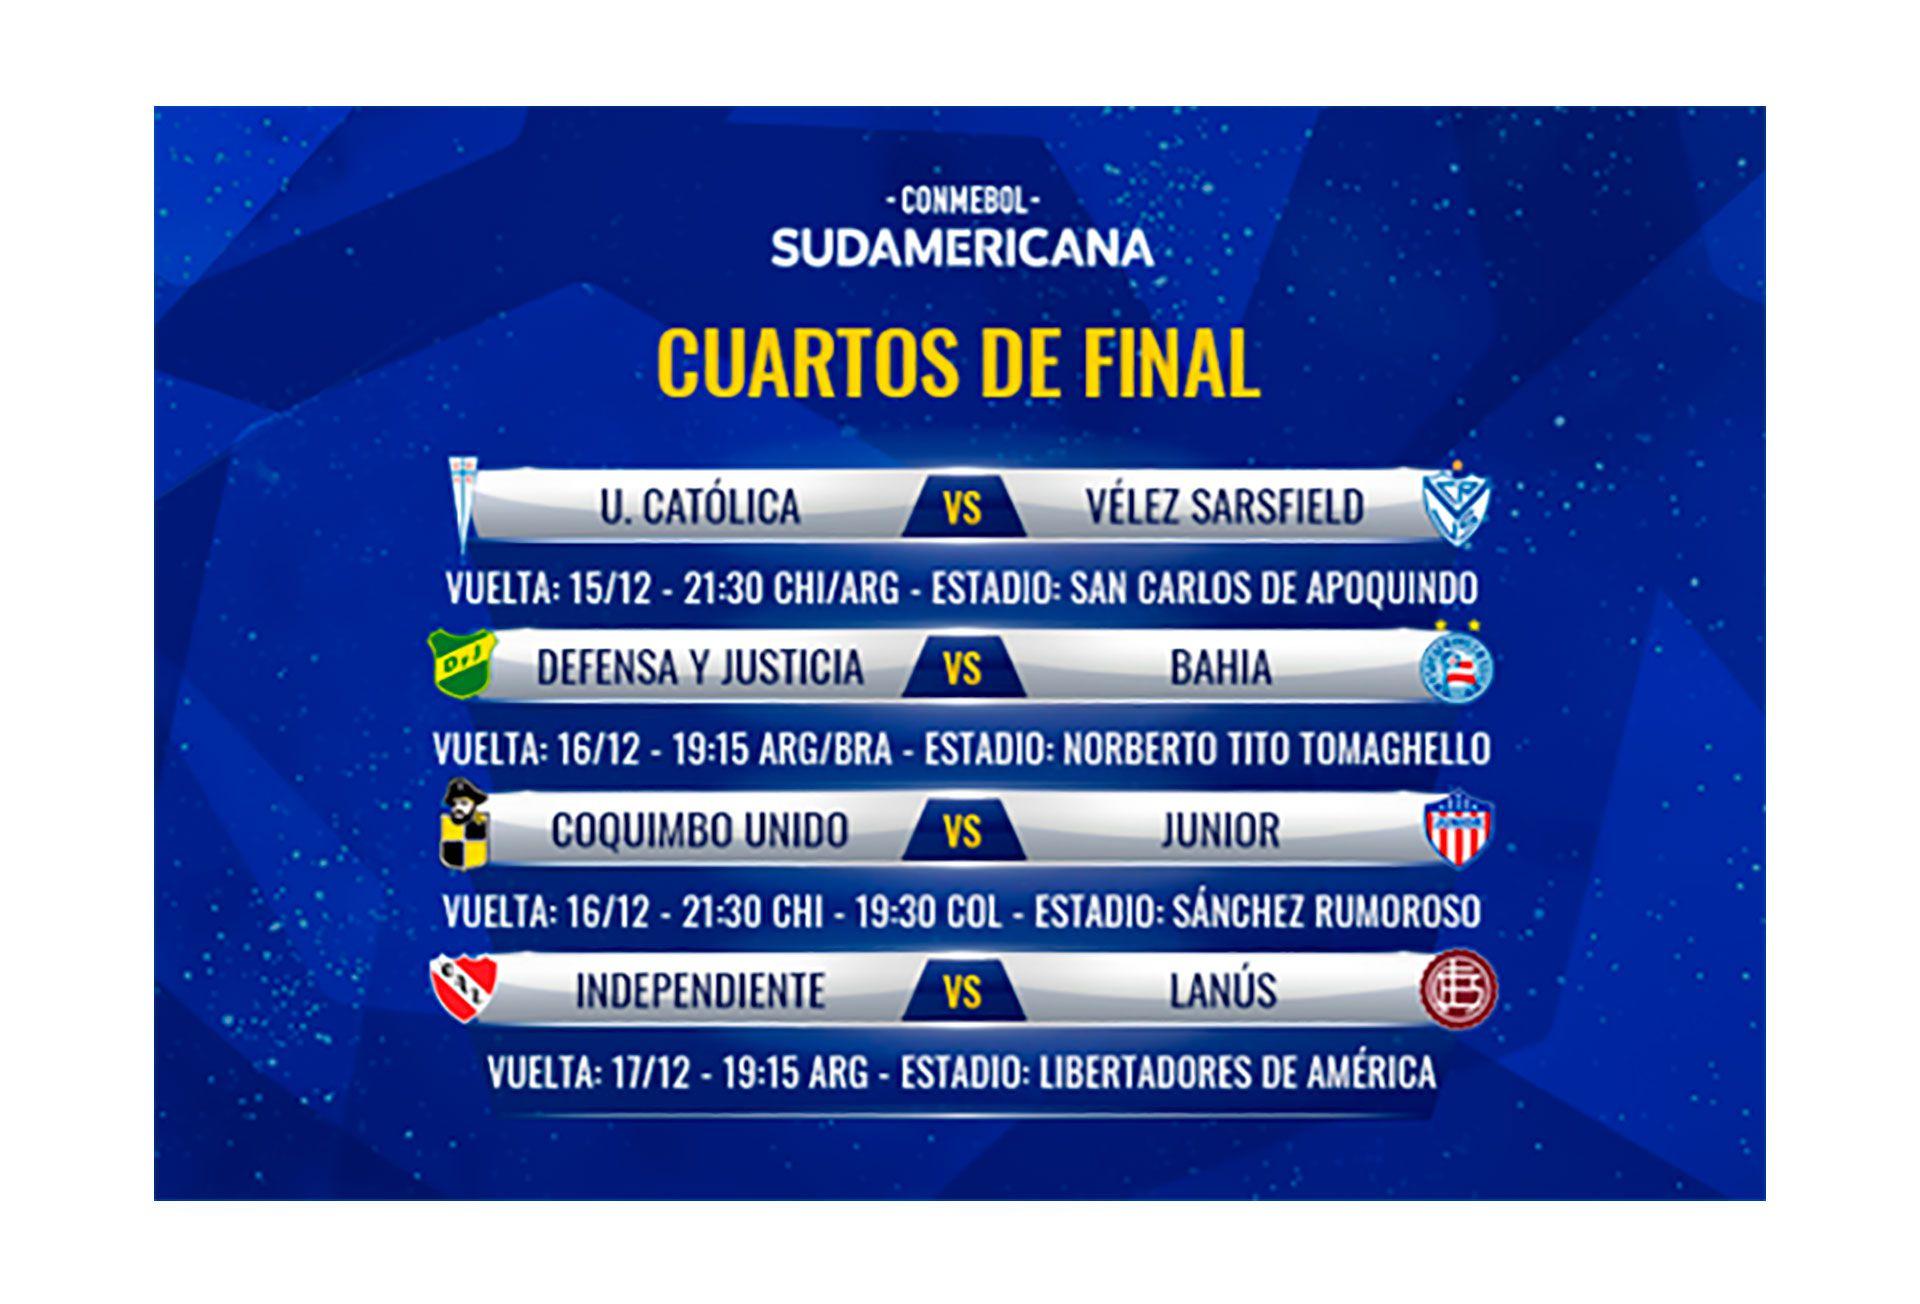 Cuartos-de-final-Copa-Sudamericana